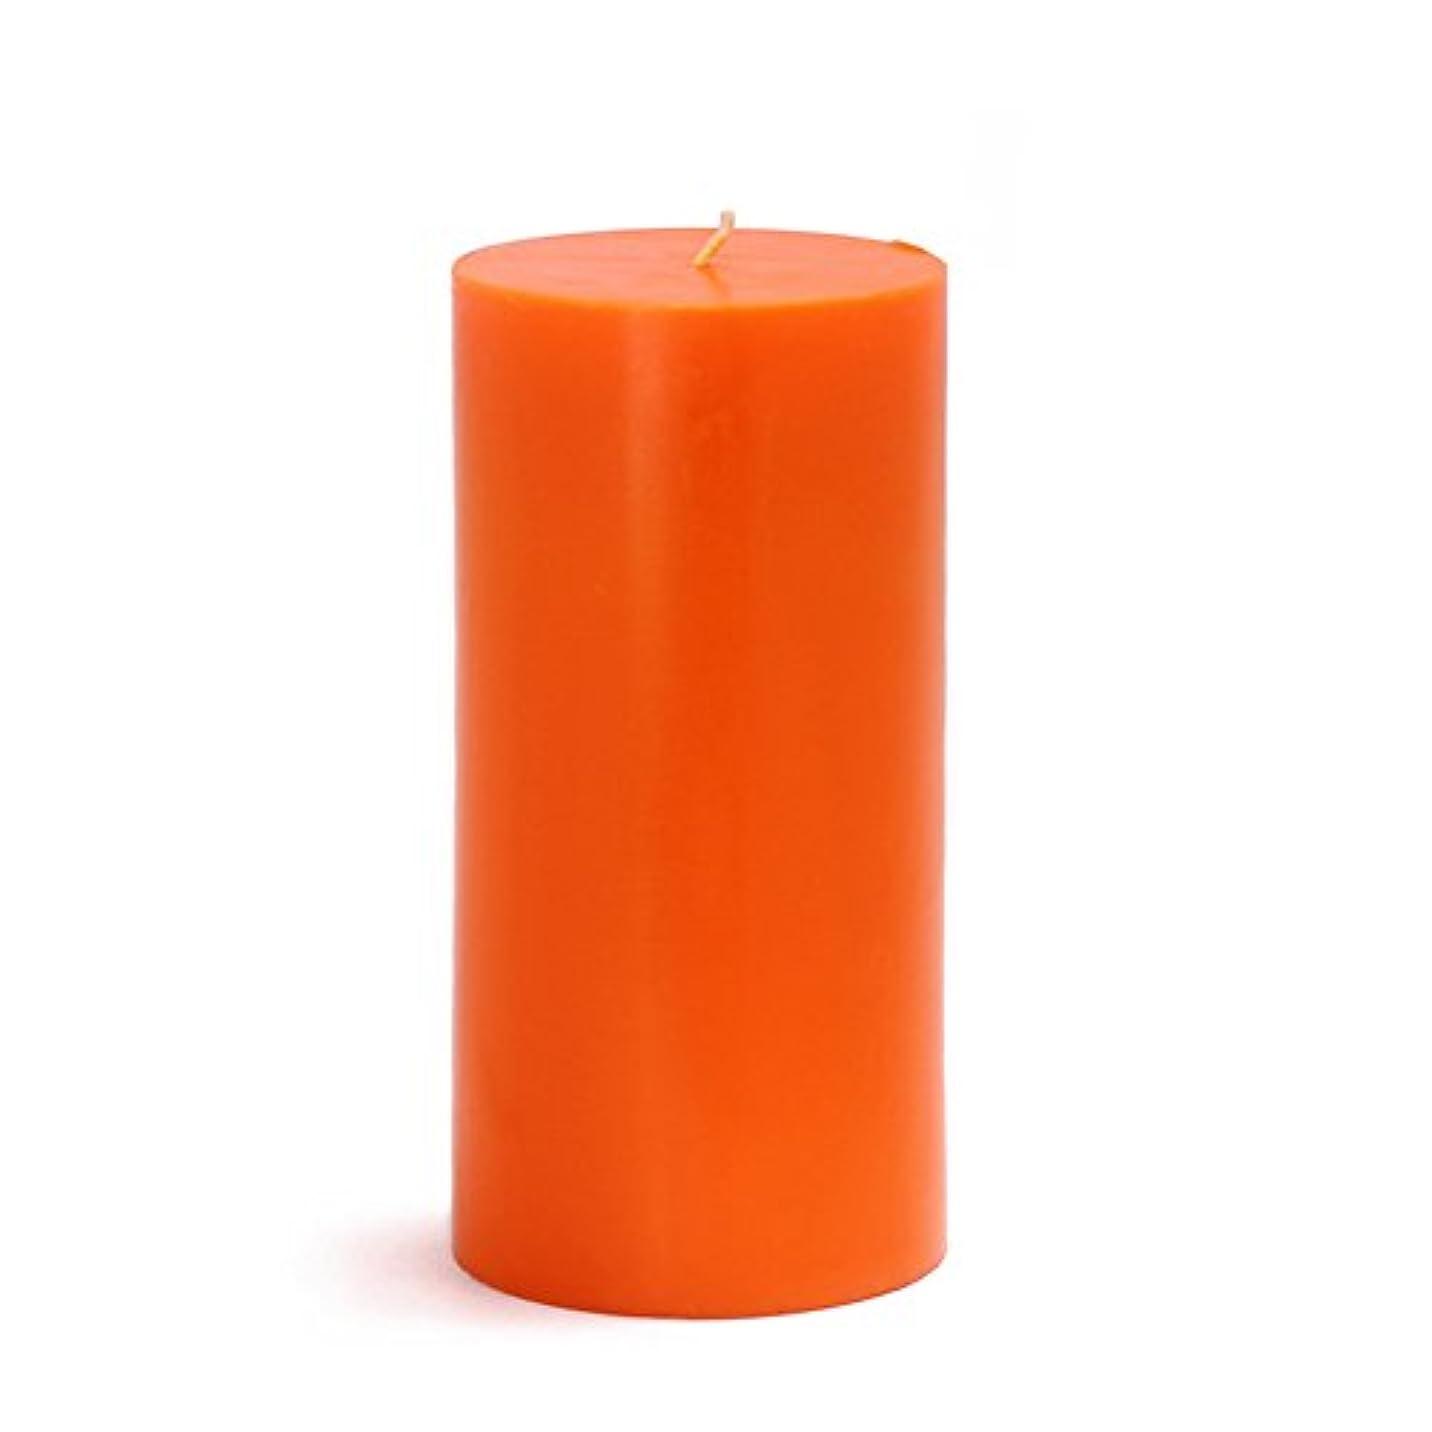 南方の軽く援助するZest Candle CPZ-086-12 3 x 6 in. Orange Pillar Candles-12pcs-Case - Bulk